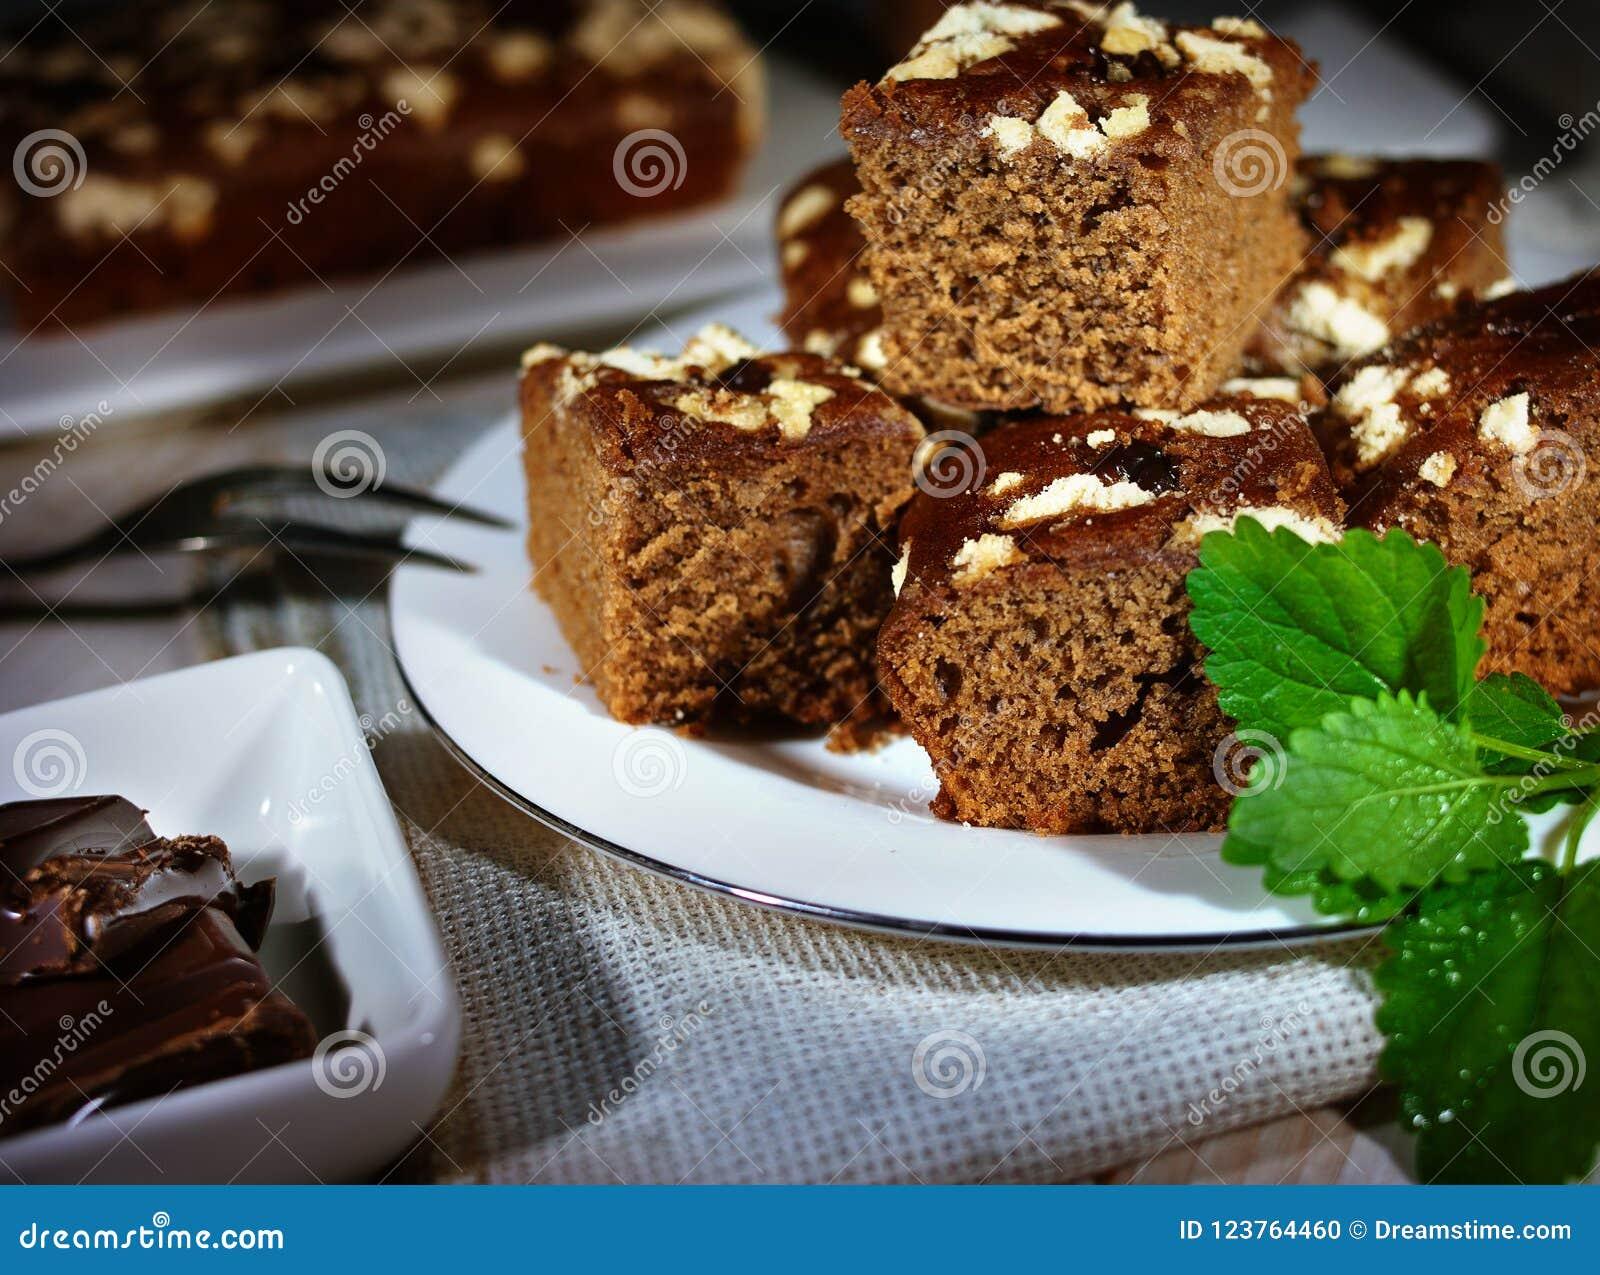 Torta de Munich, folhas de hortelã fresca, partes de chocolate, guardanapo de linho, tabela de madeira